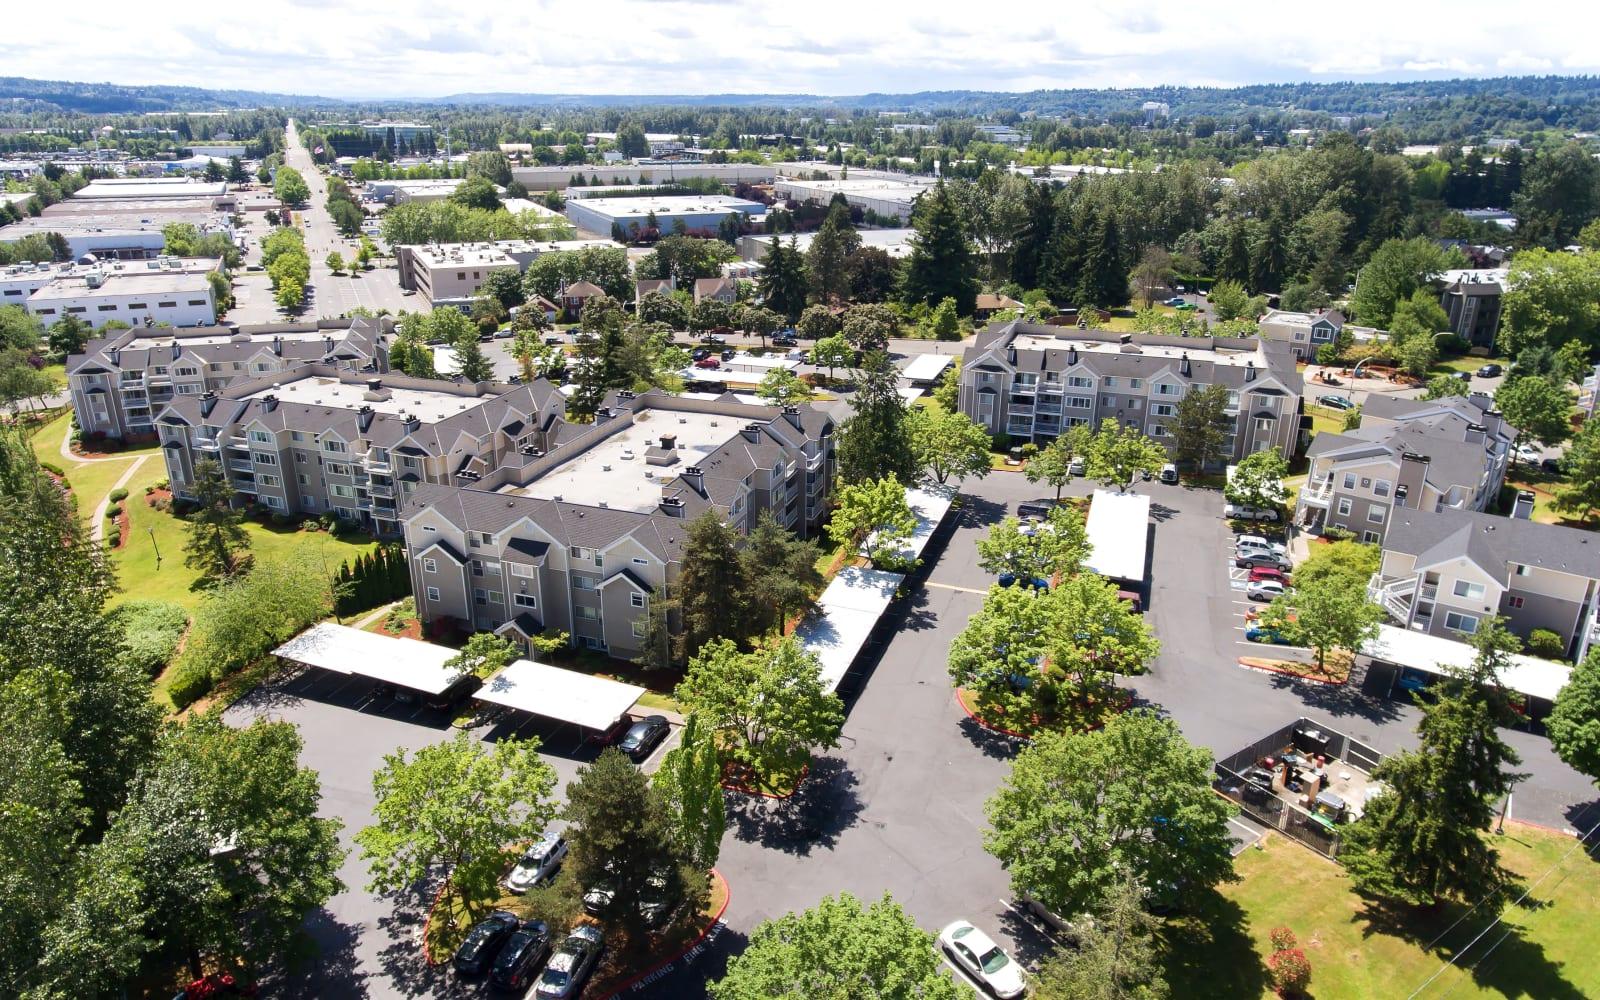 Alaire Apartments aerial view in Renton, Washington